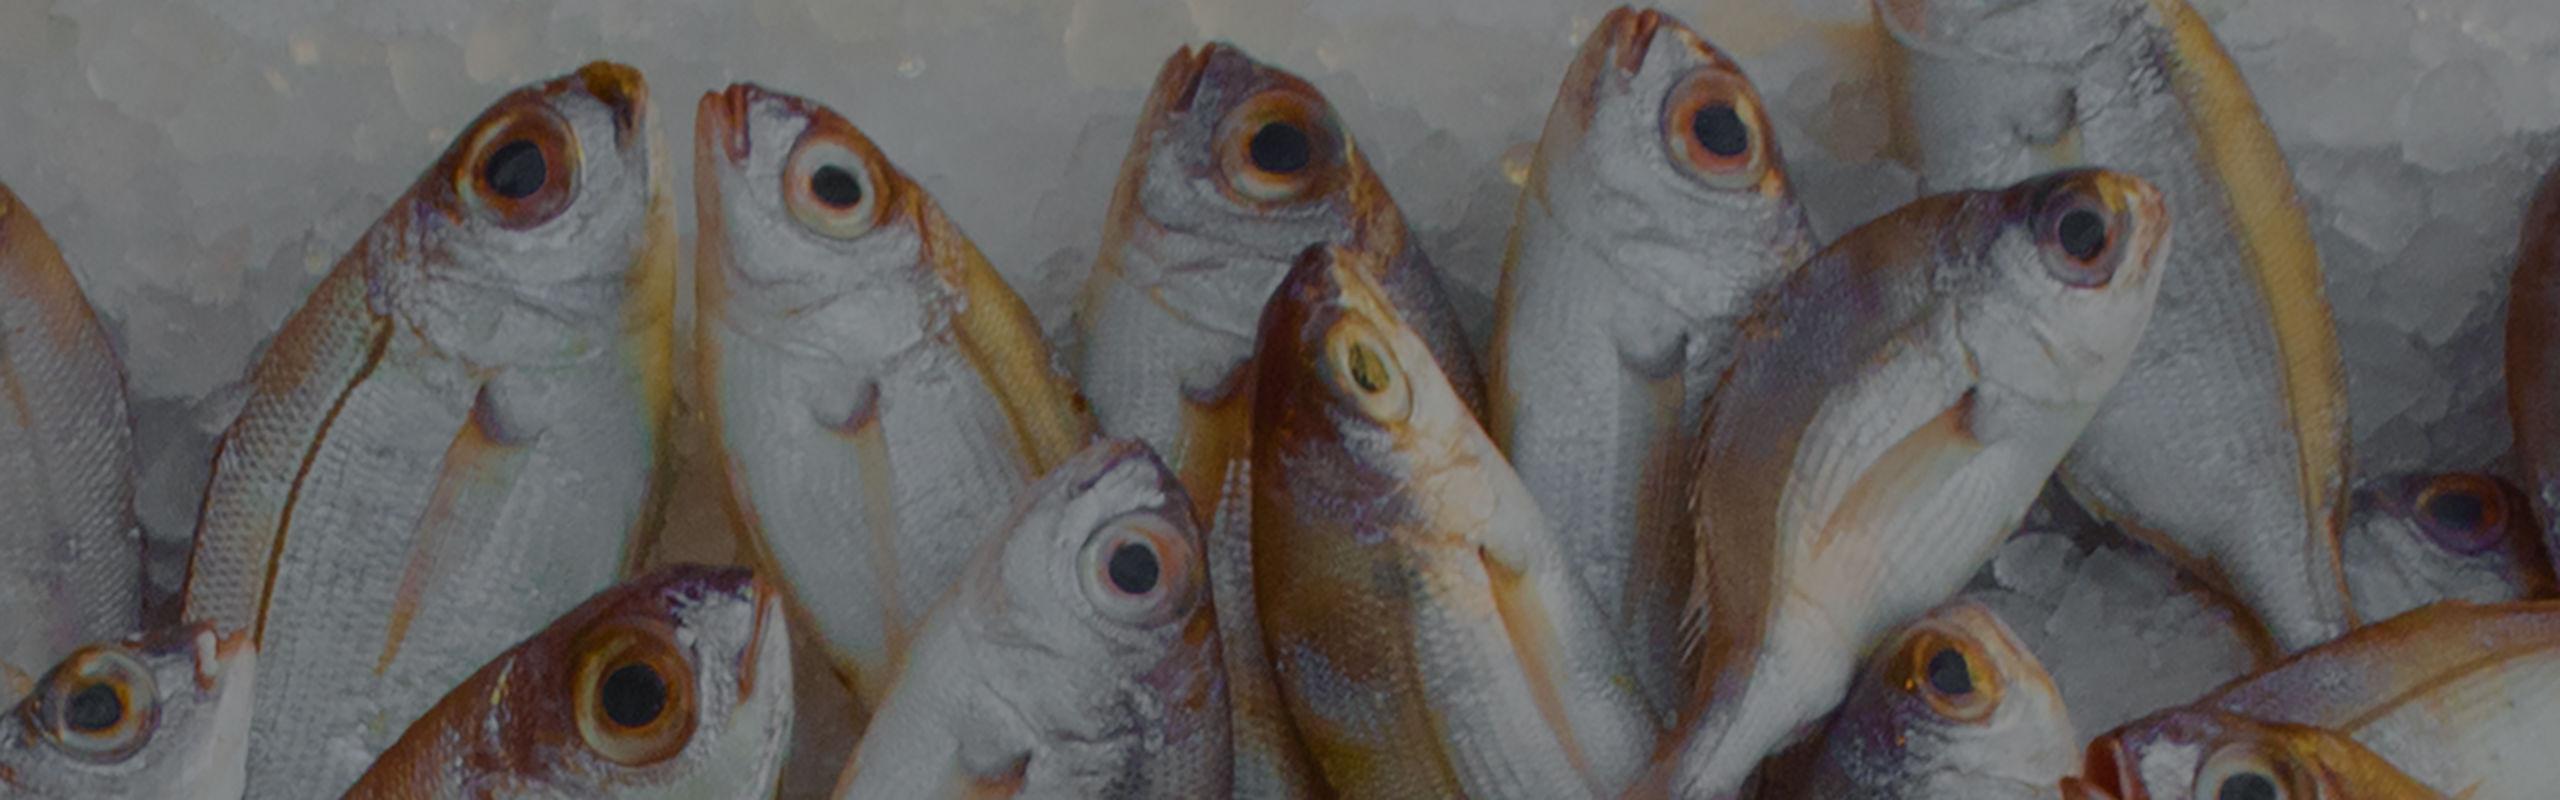 FREE Download- Florida Saltwater Fishing Regulations!